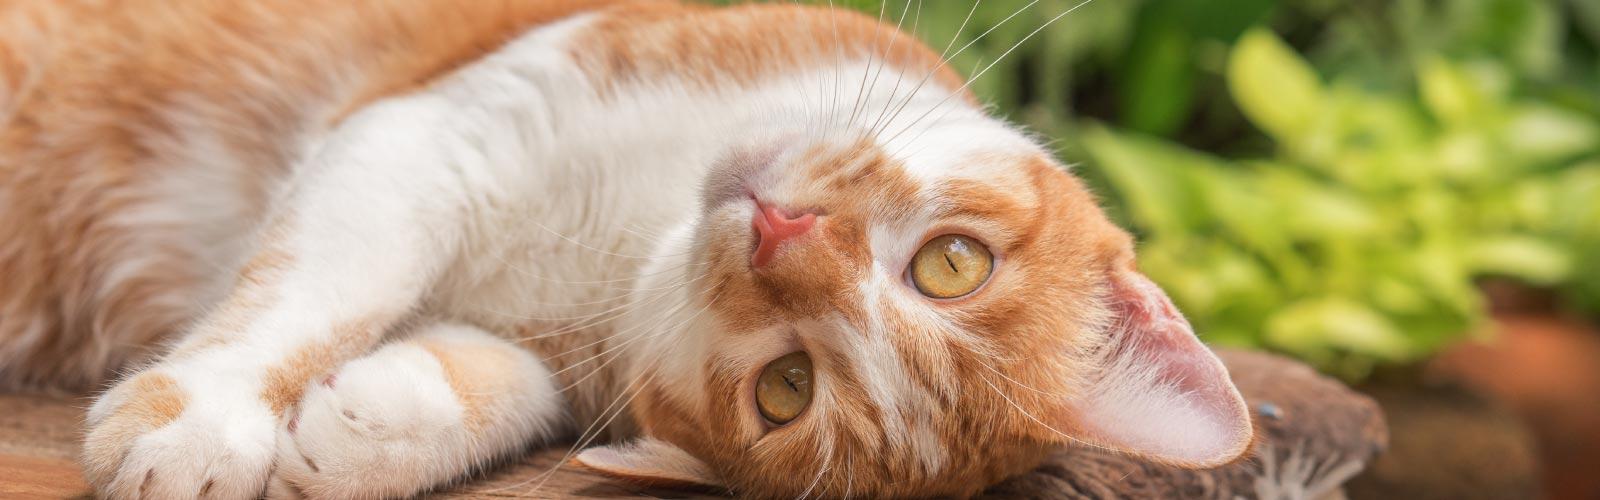 Cómo adiestrar a un gato